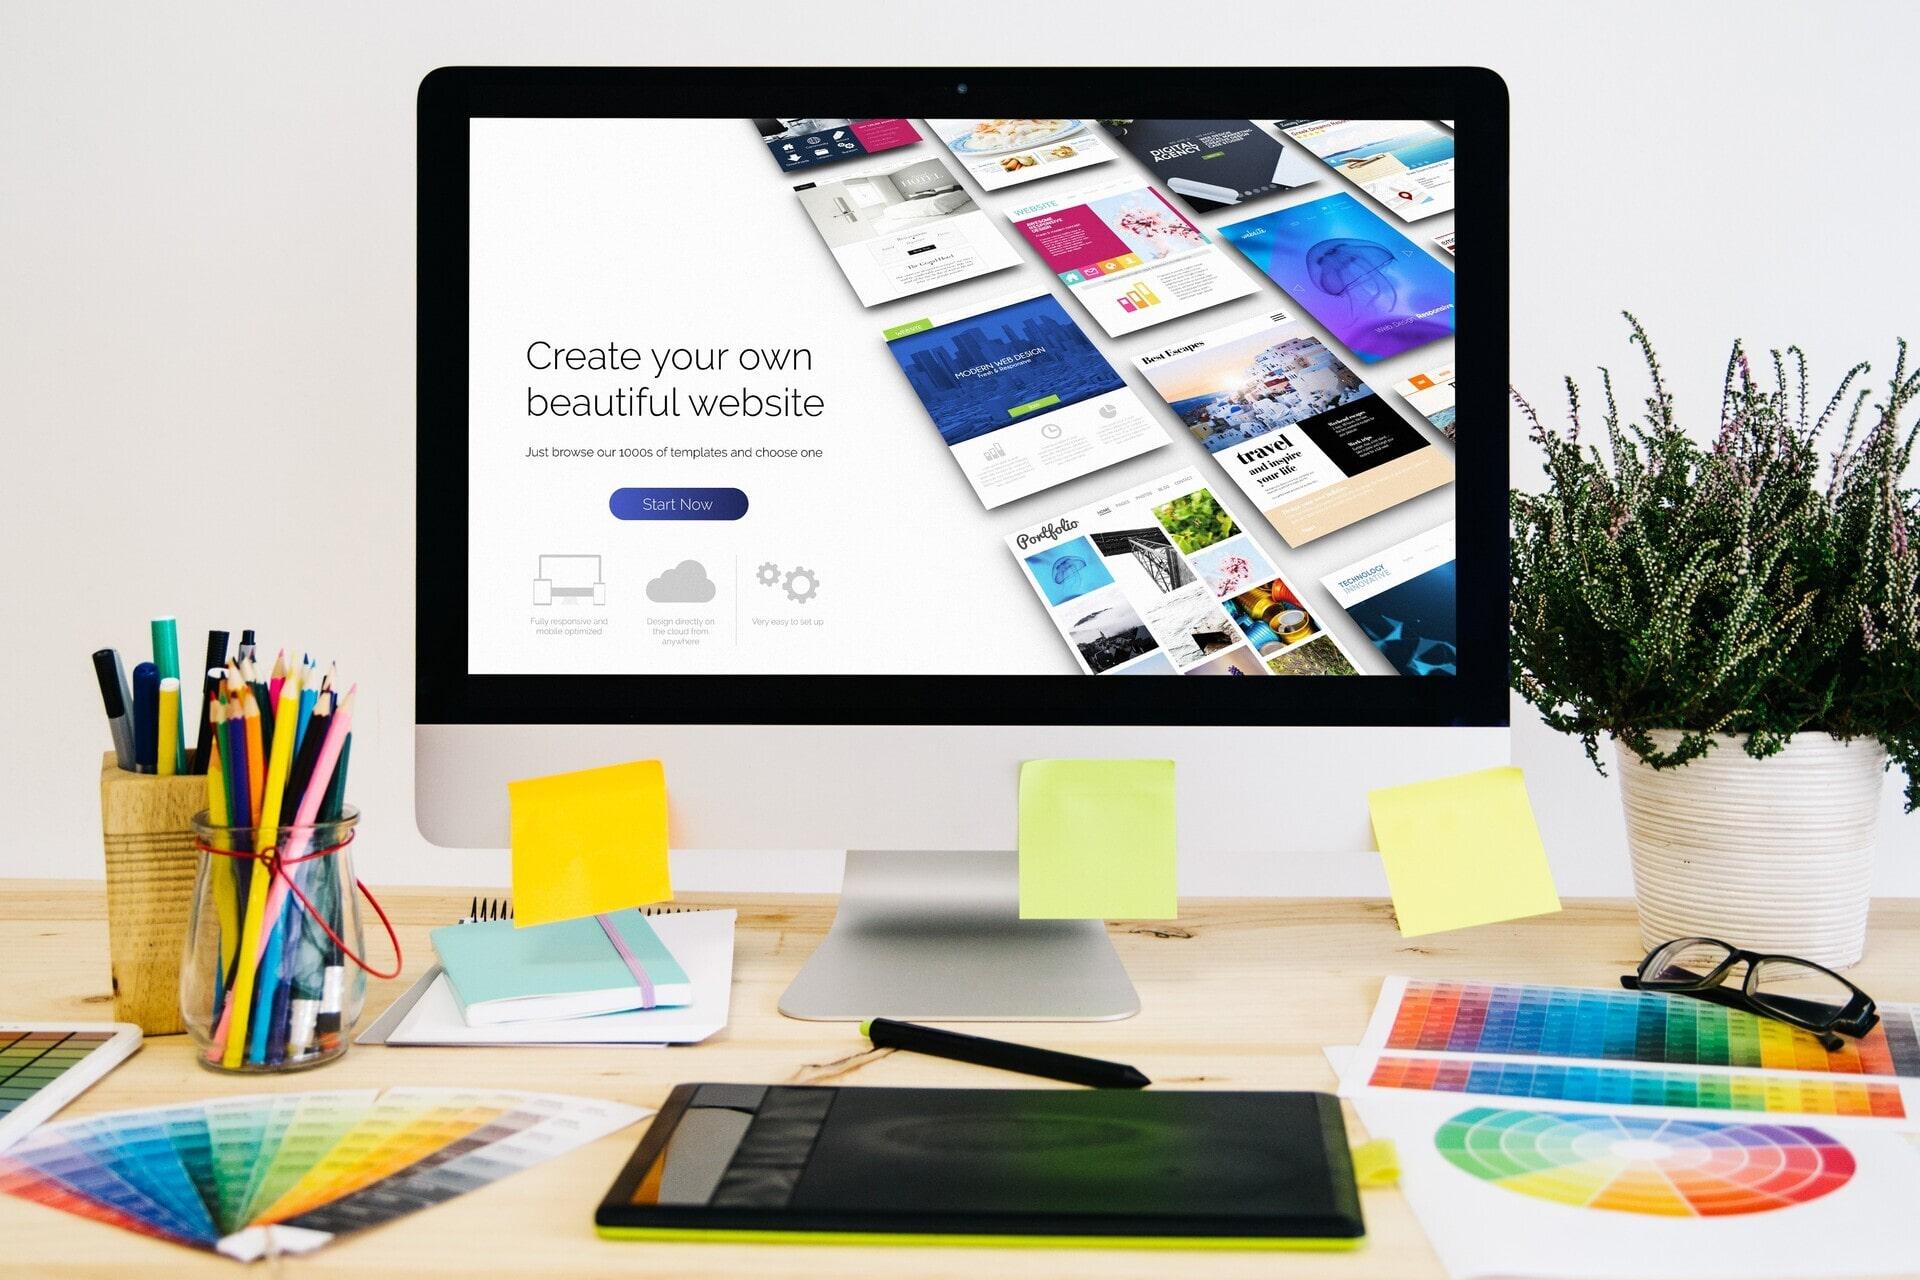 Ismerd meg a Webflow-t, a WordPress modern alternatíváját